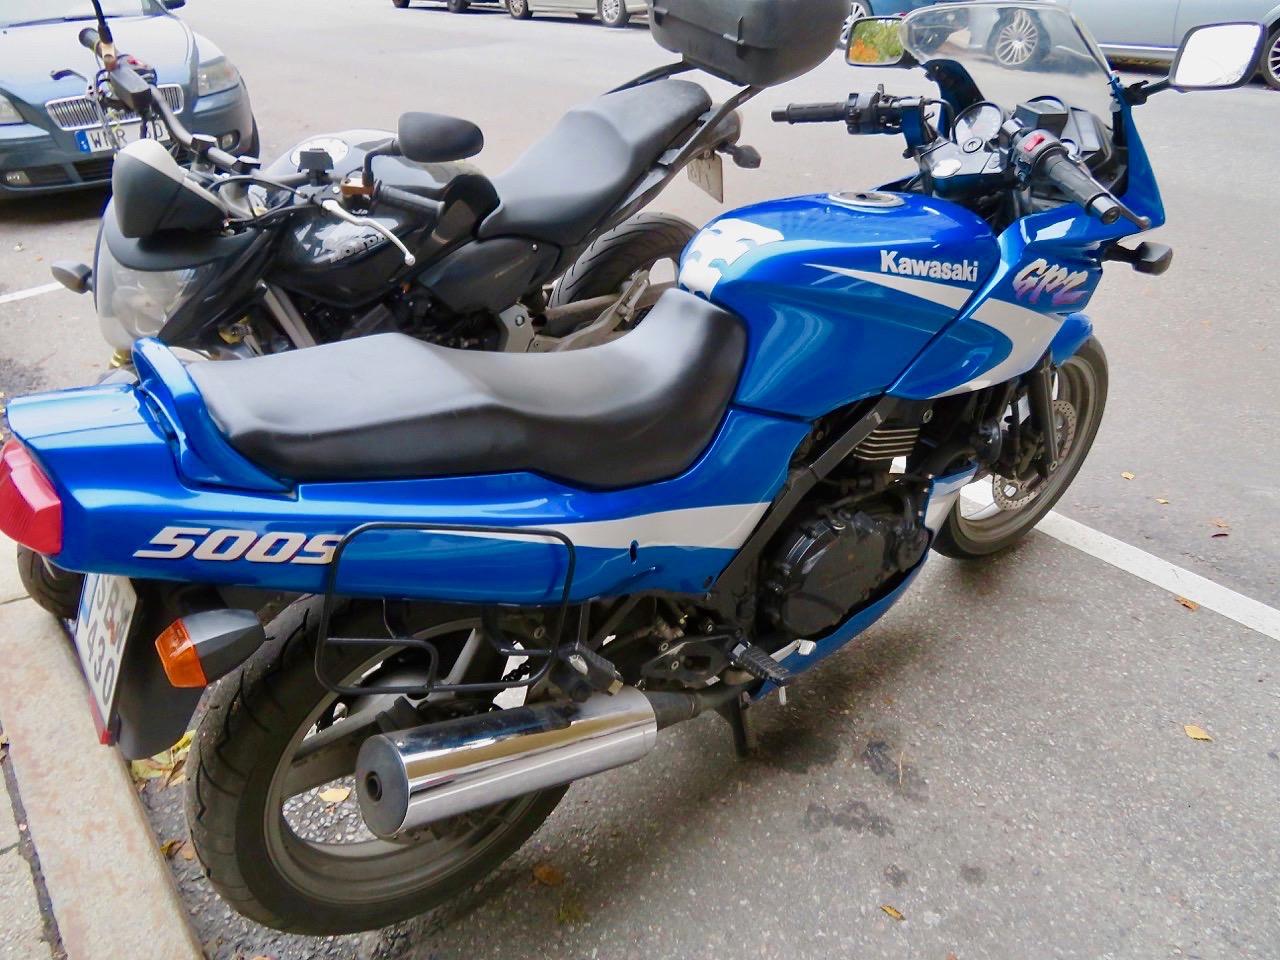 En båge är också ett slanguttryck för motorcykel.